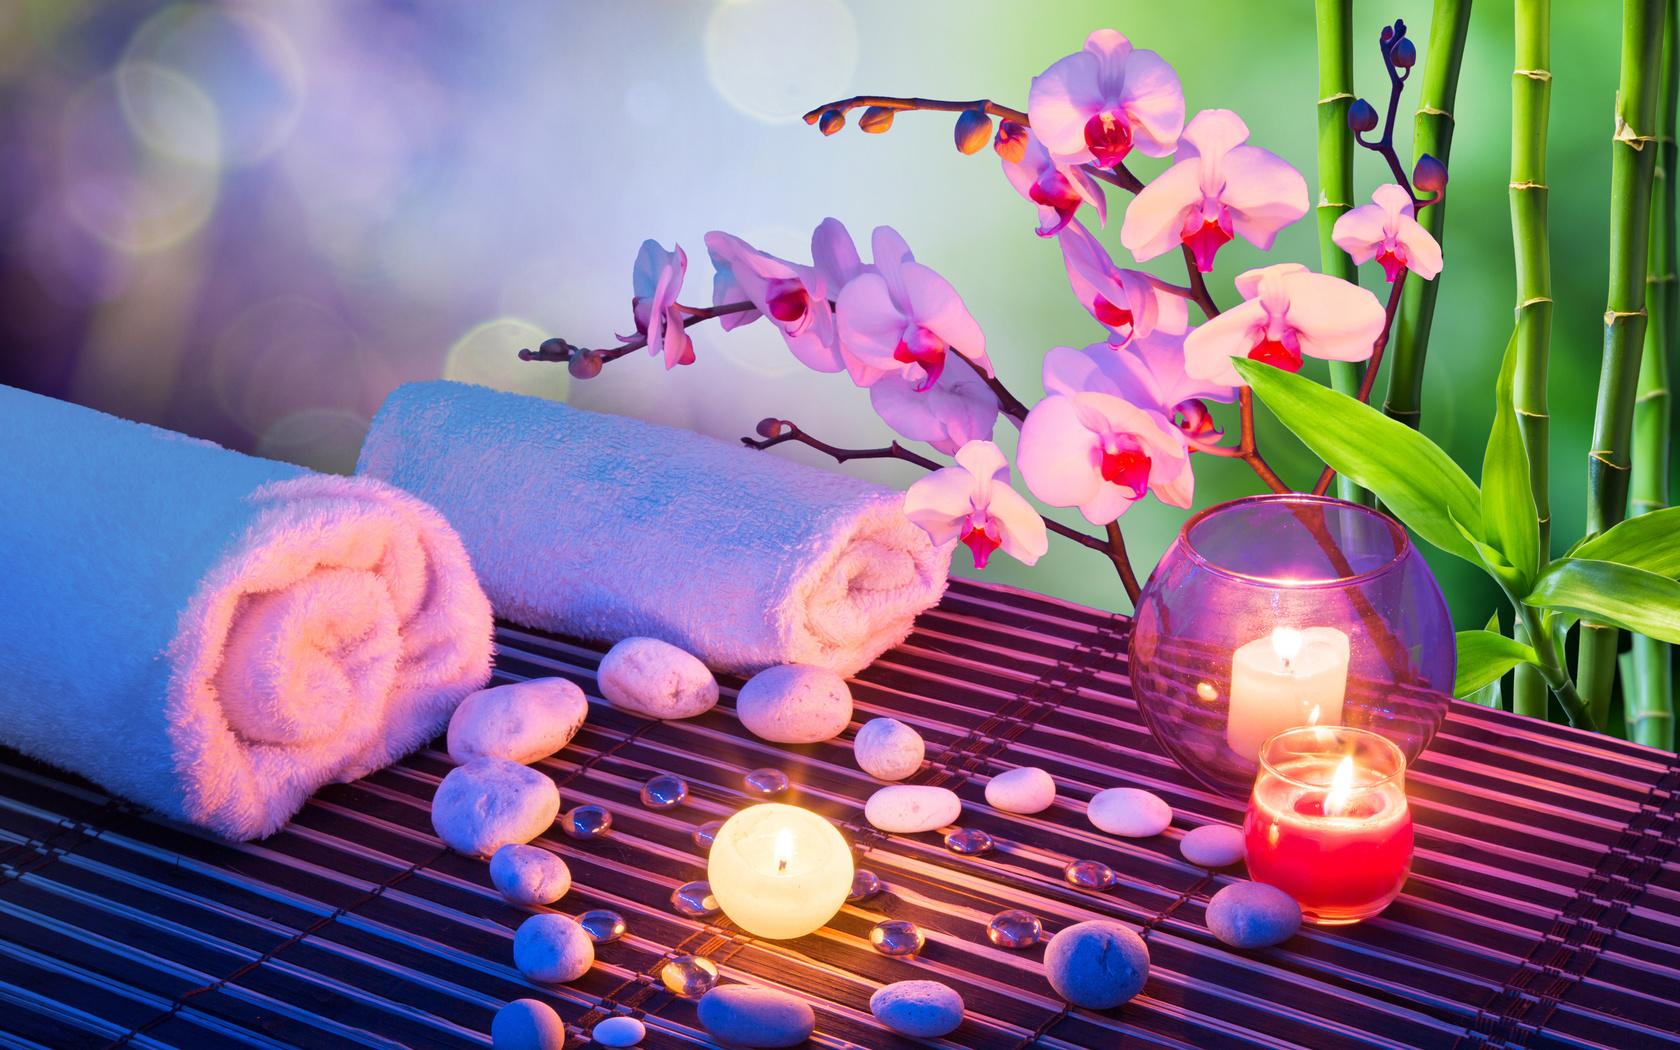 спа, полотенца, свечи, бамбук, листья, вазочка, ветки, цветы, орхидея, камни, галька, боке, стебли